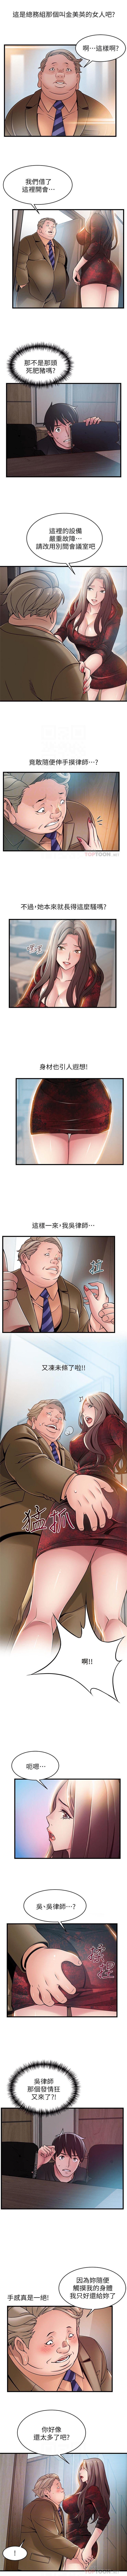 弱点 1-64 中文翻译(更新中) 316